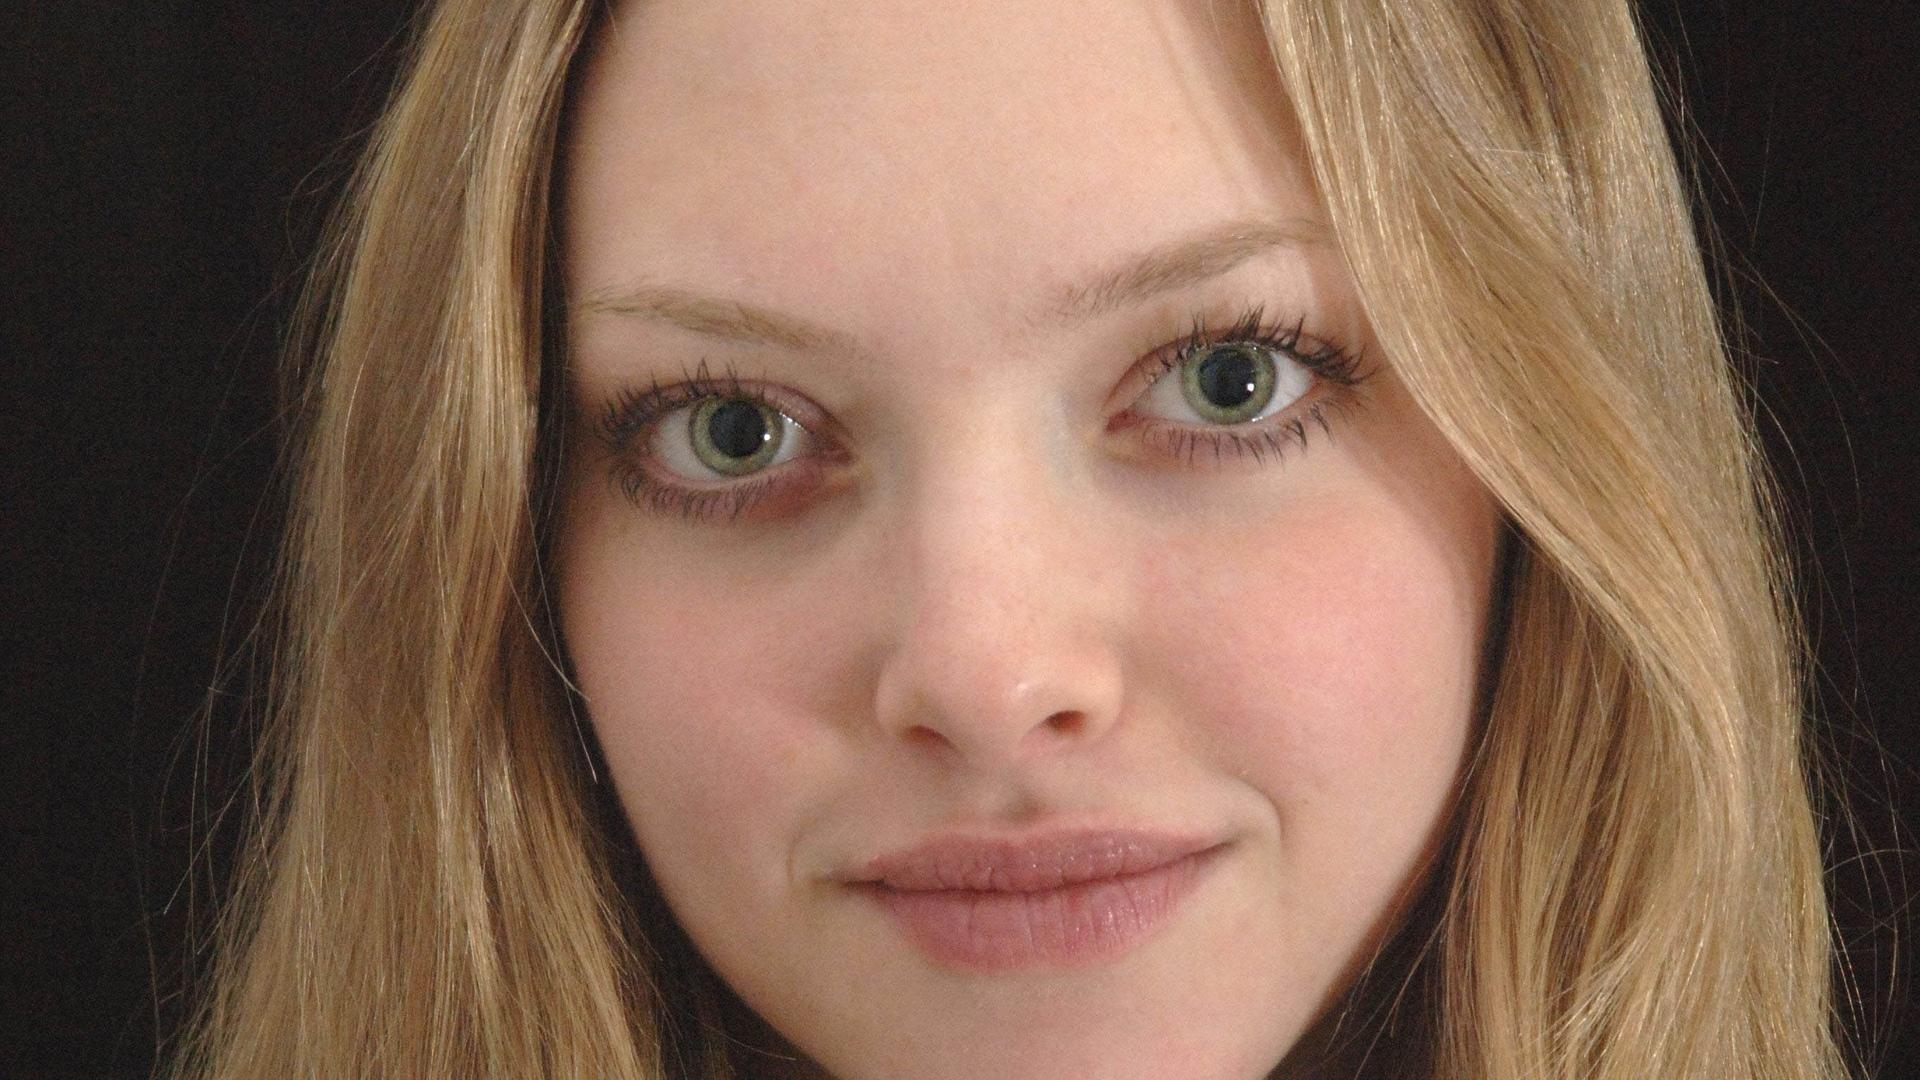 Amanda Seyfried Will Play Lead In 'TED 2' | Film News ... Amanda Seyfried